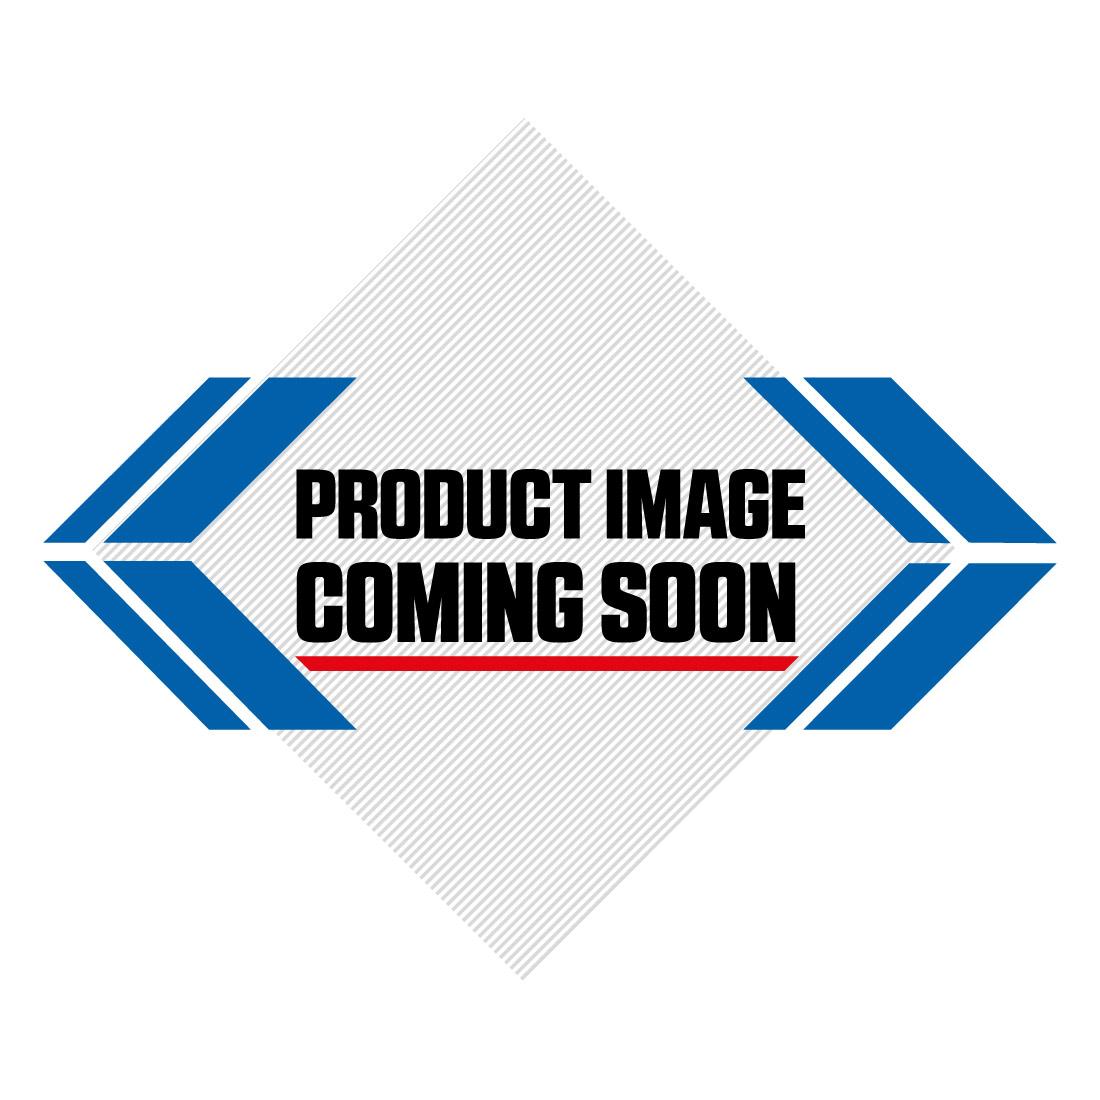 UFO KTM Plastic Kit OEM Factory (2019)